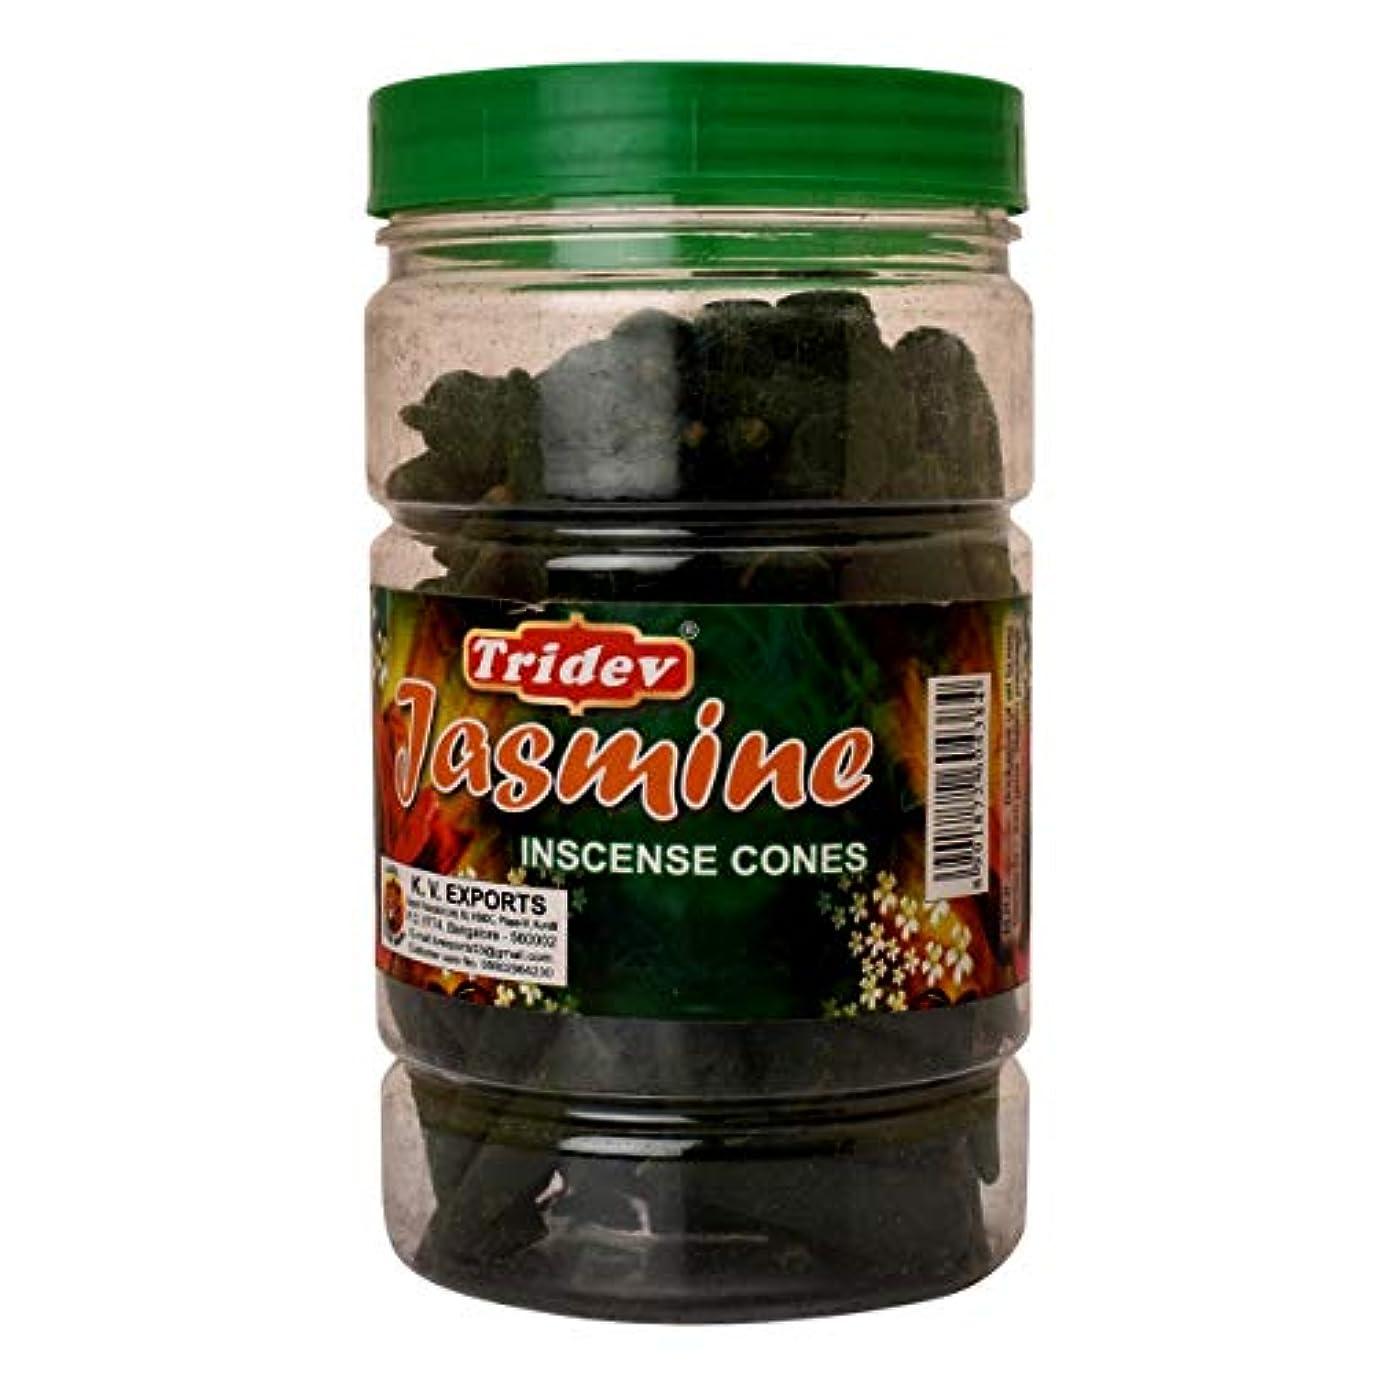 物理的に見分ける堂々たるTridev Jasmine Incense Cones Jar 225グラムパック